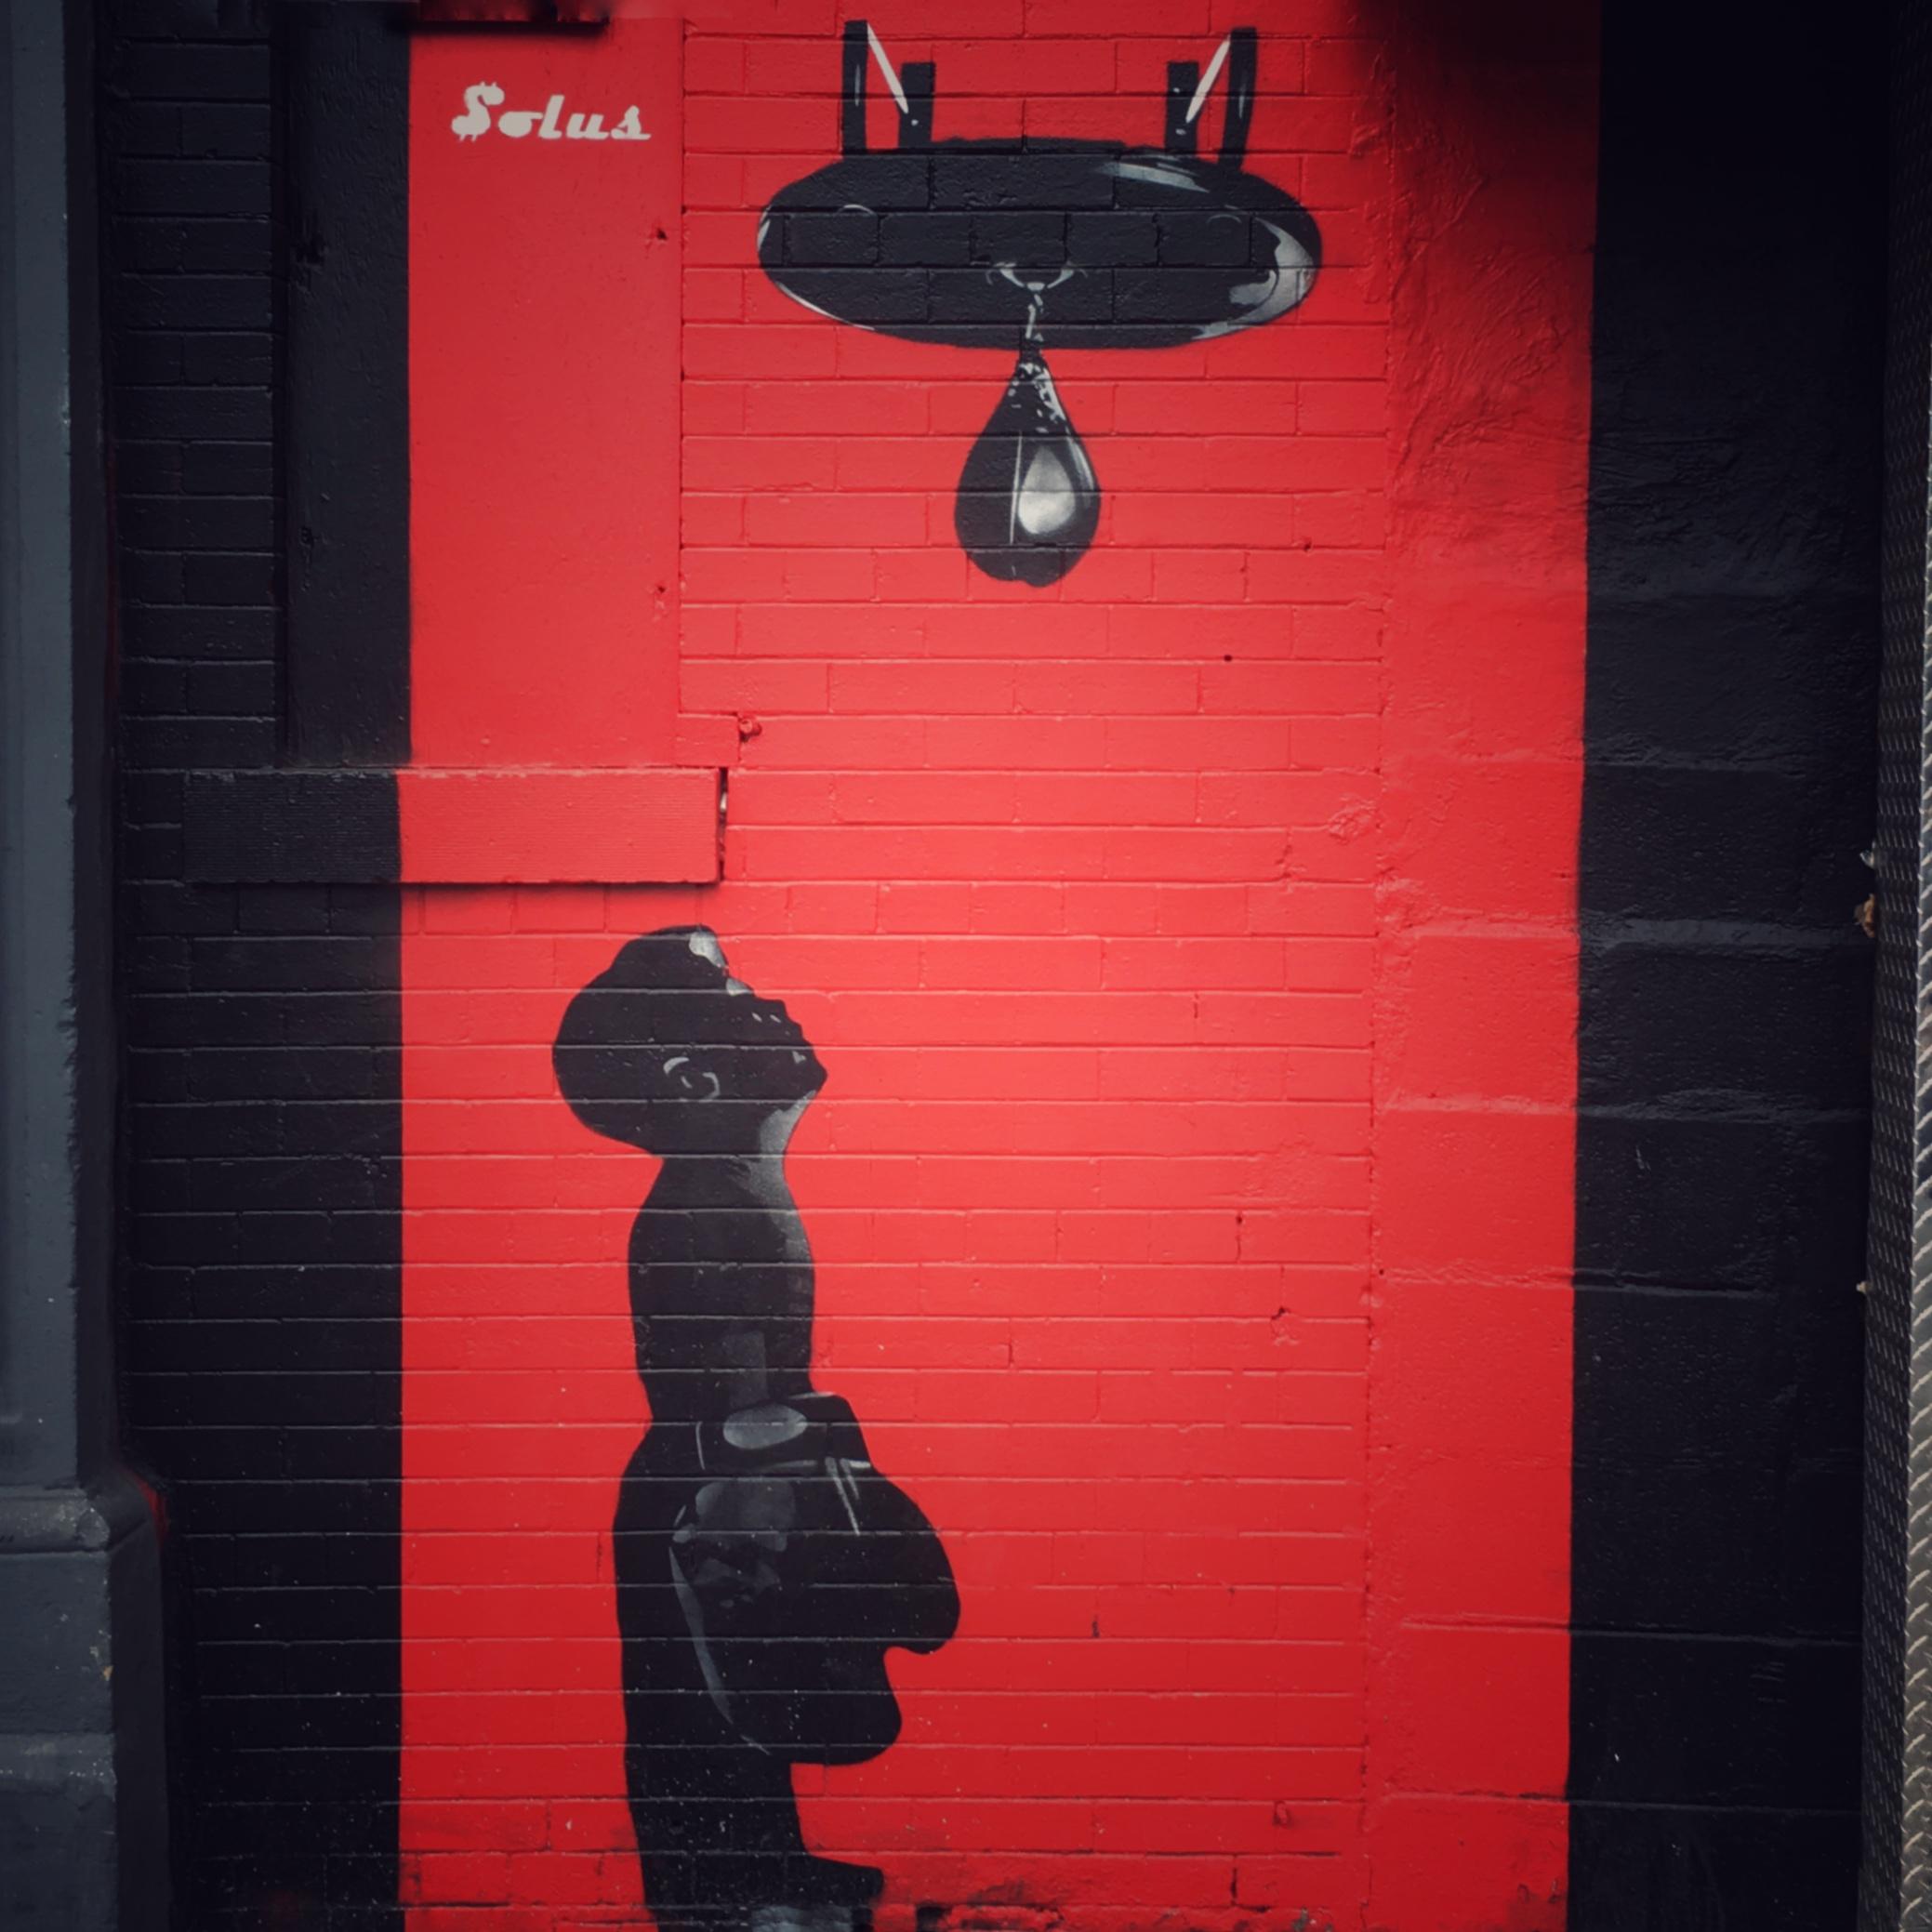 little Italy @solusstreetart